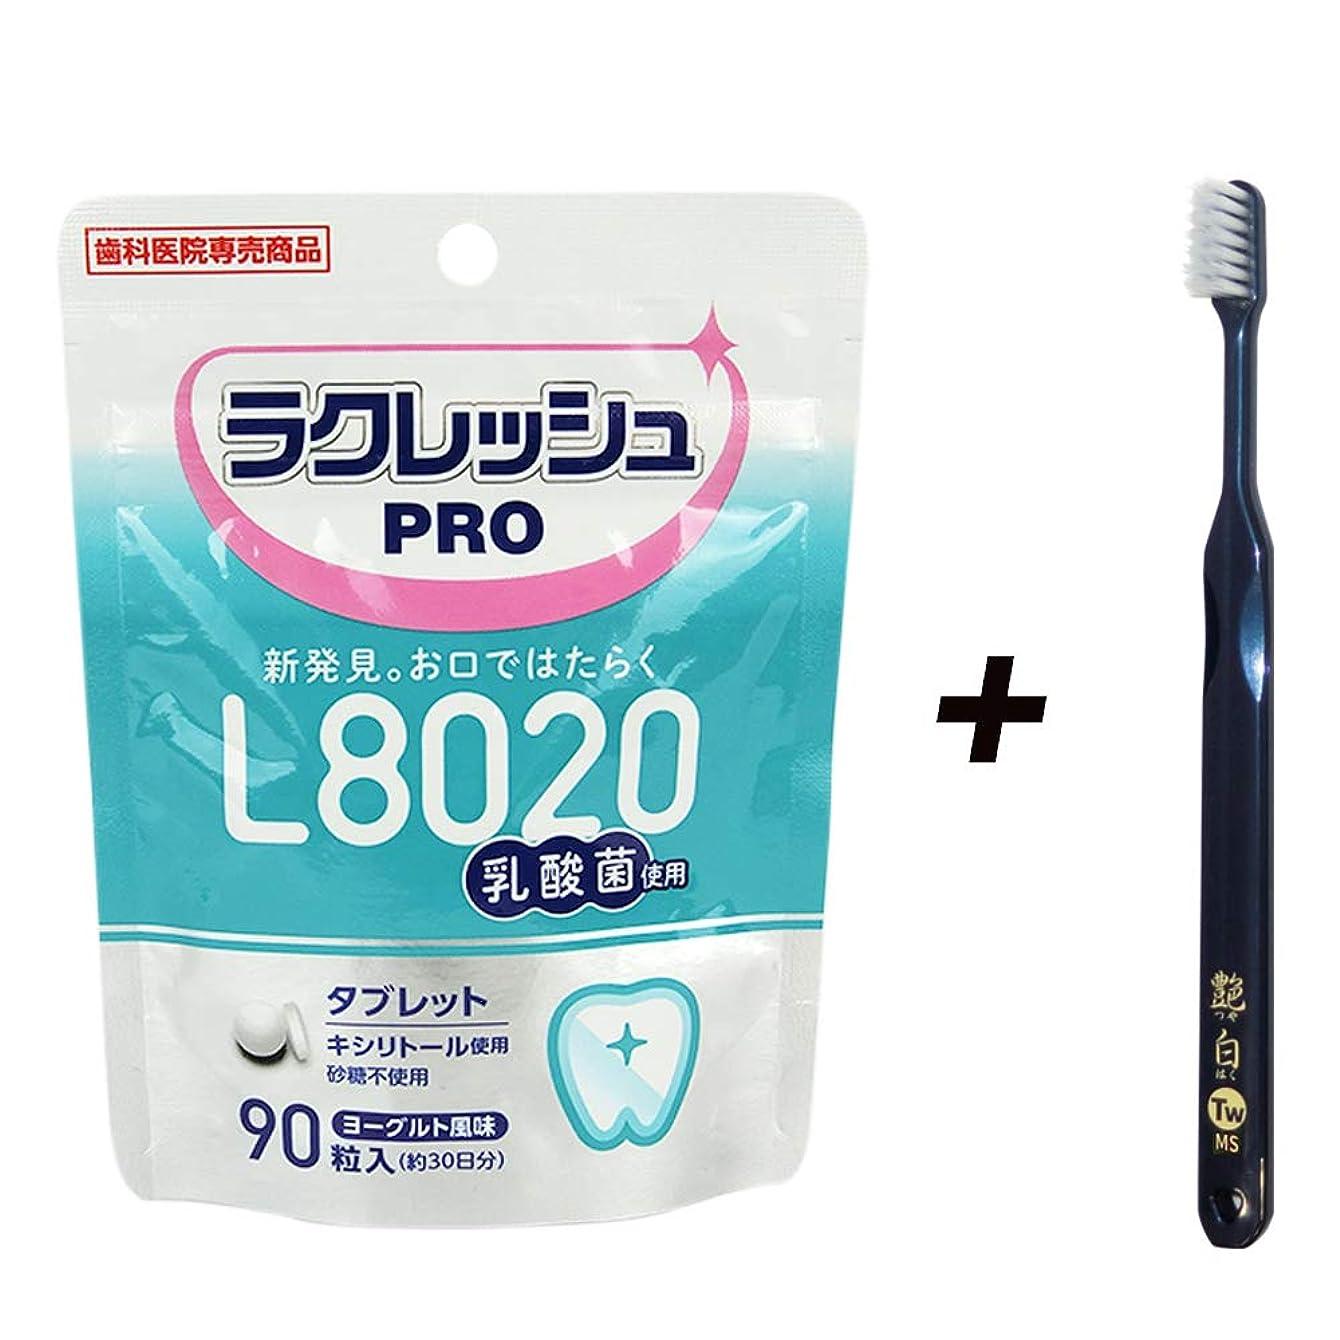 つまずくオーガニック先入観L8020 乳酸菌 ラクレッシュ PRO タブレット 90粒×1袋 + 日本製歯ブラシ 艶白(つやはく)ツイン ハブラシ 1本 MS(やややわらかめ) 歯科医院取扱品